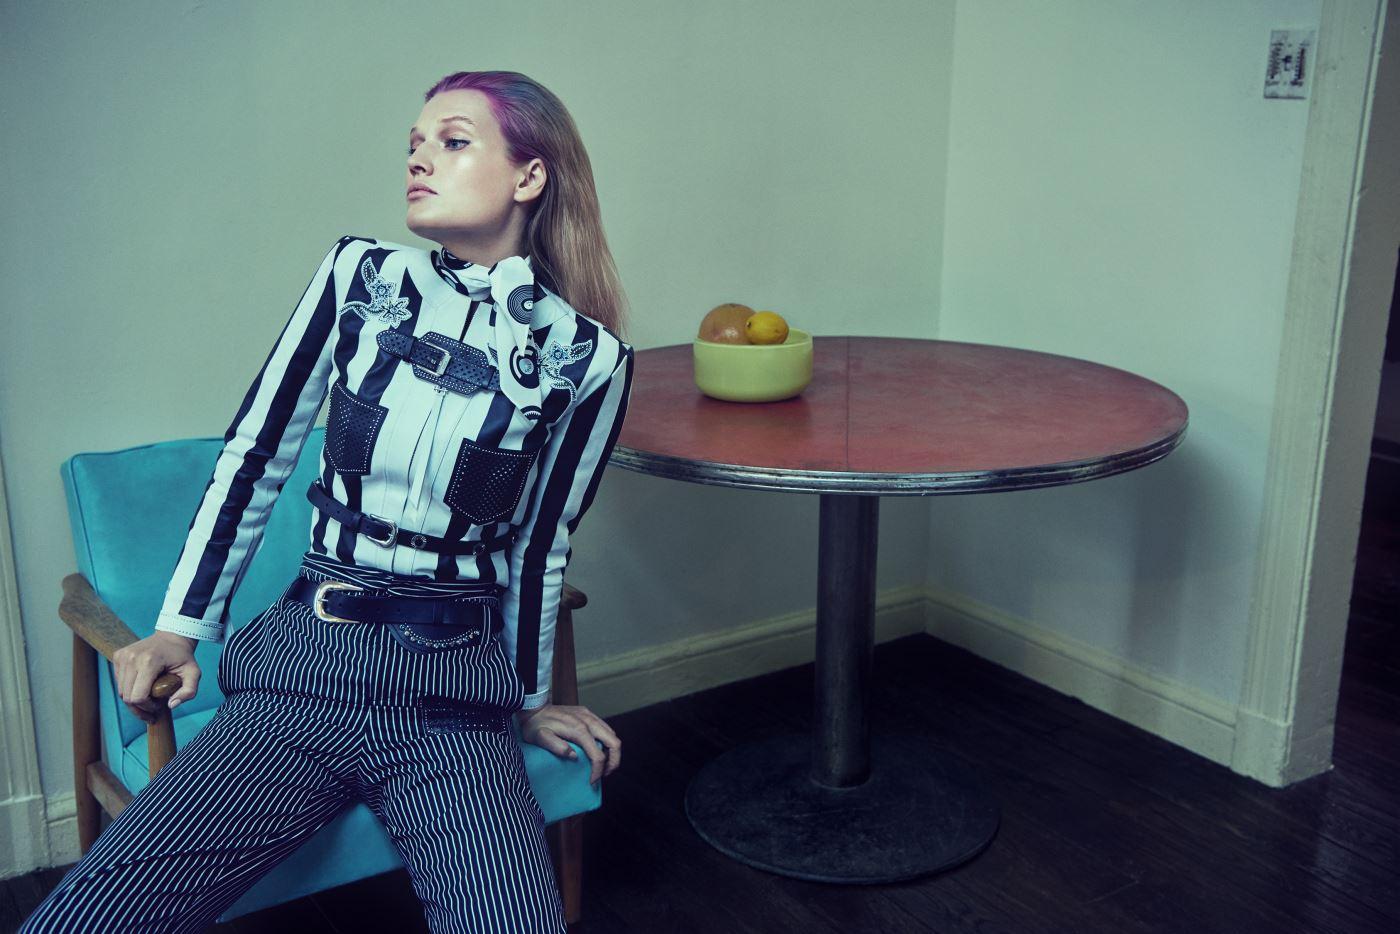 정교한 꽃 장식이 눈길을 끄는 가죽 재킷, 줄무늬 팬츠, 프린트 스카프, 가죽 벨트는 모두 Tod's 제품.